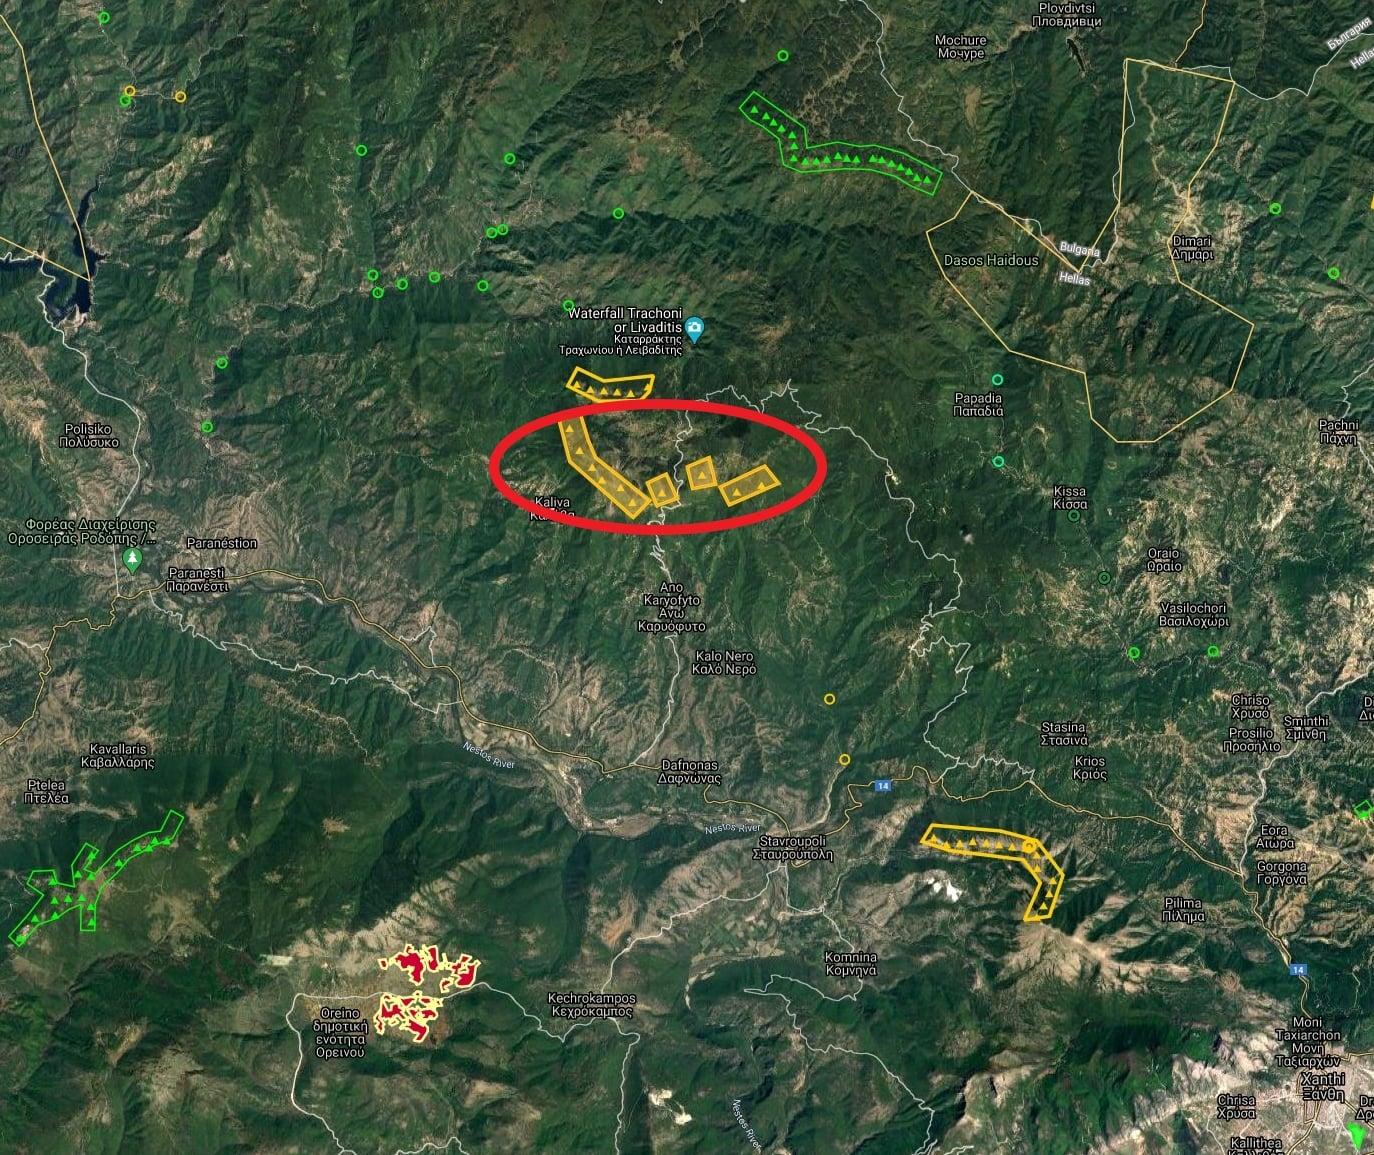 Να μην προχωρήσουν νεα αιολικά πάρκα στα βουνά της Ξάνθης ζητά το ΚΚΕ